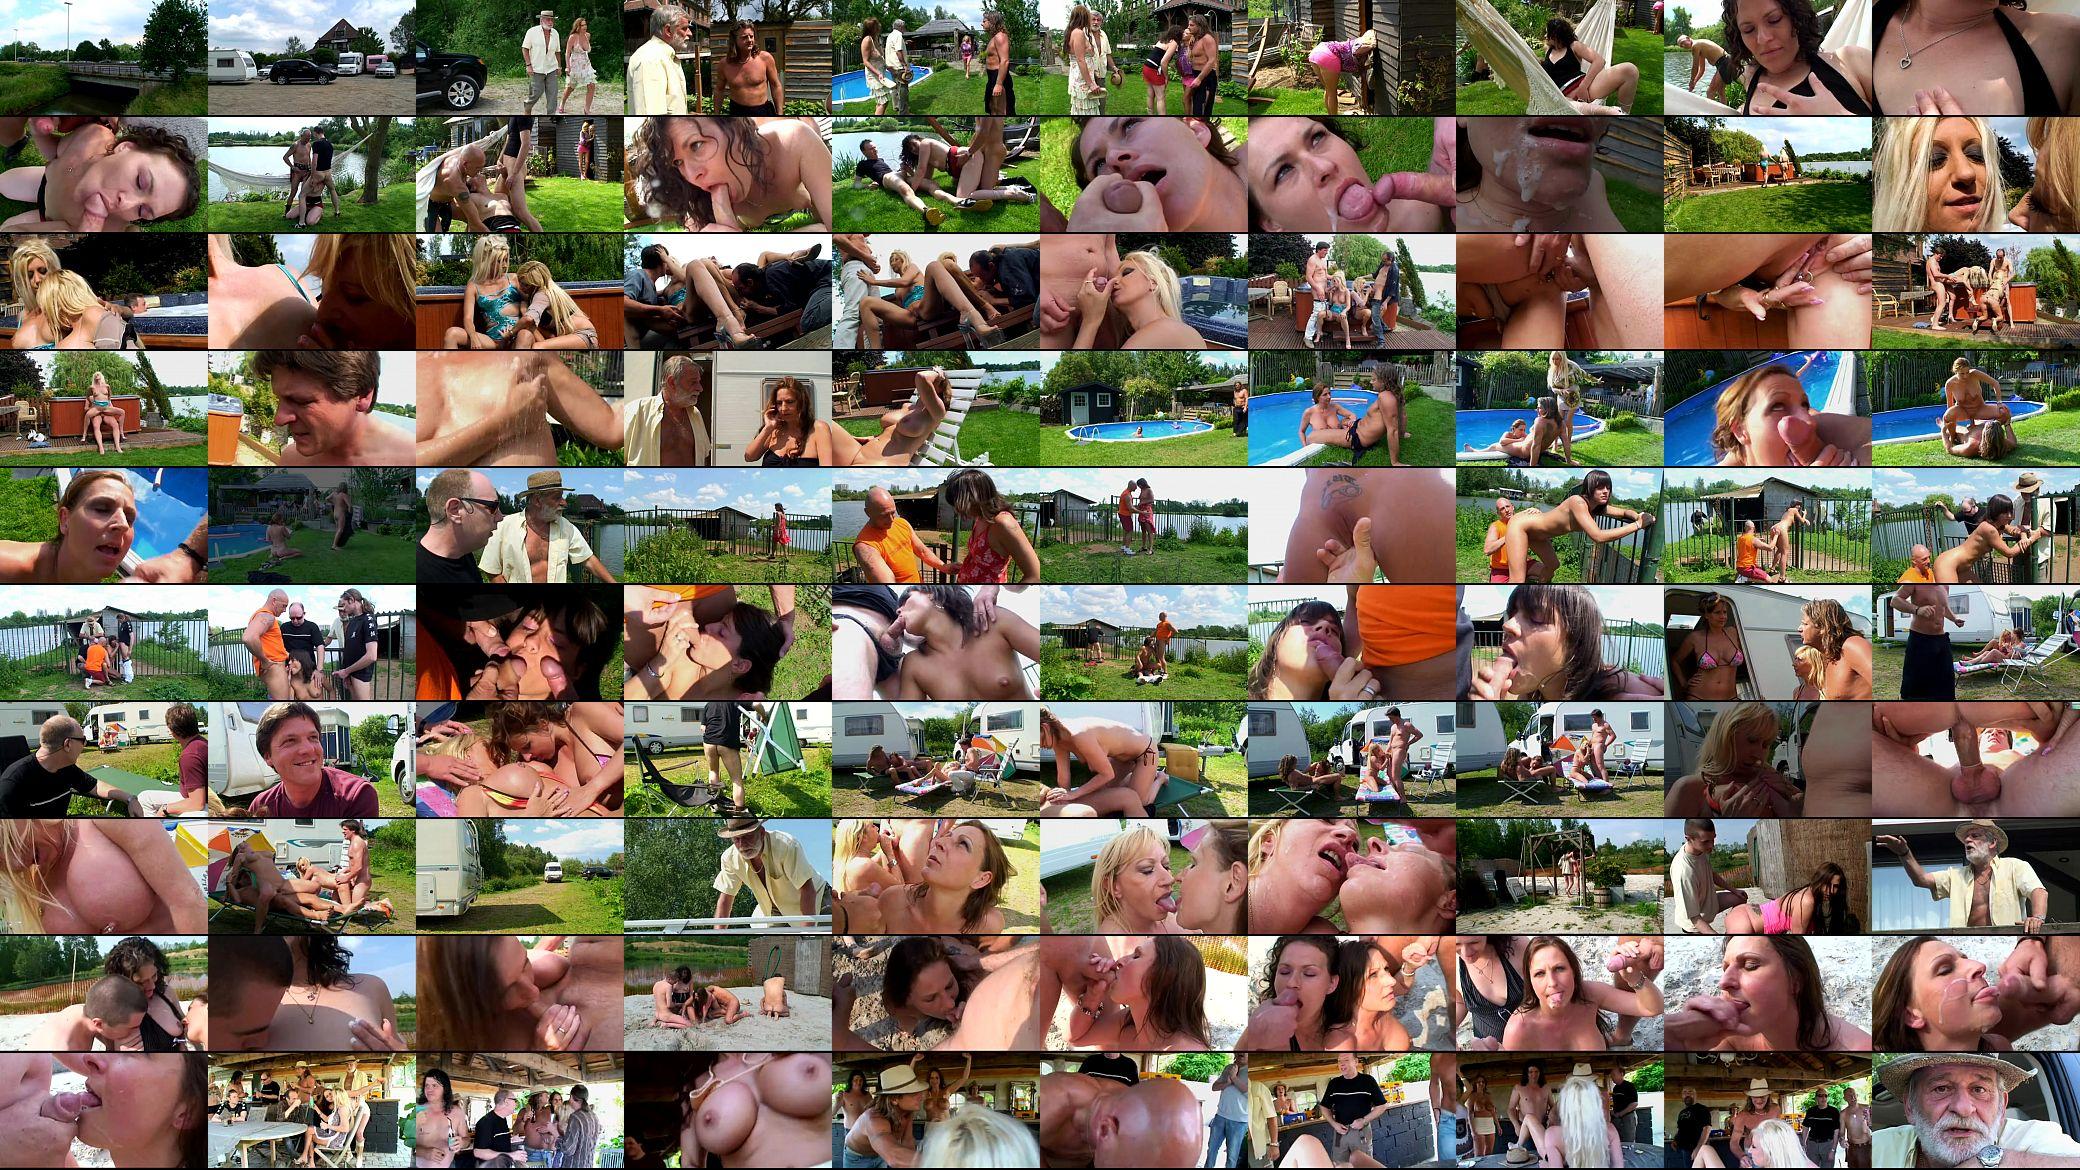 flim sex xxl belgie porno